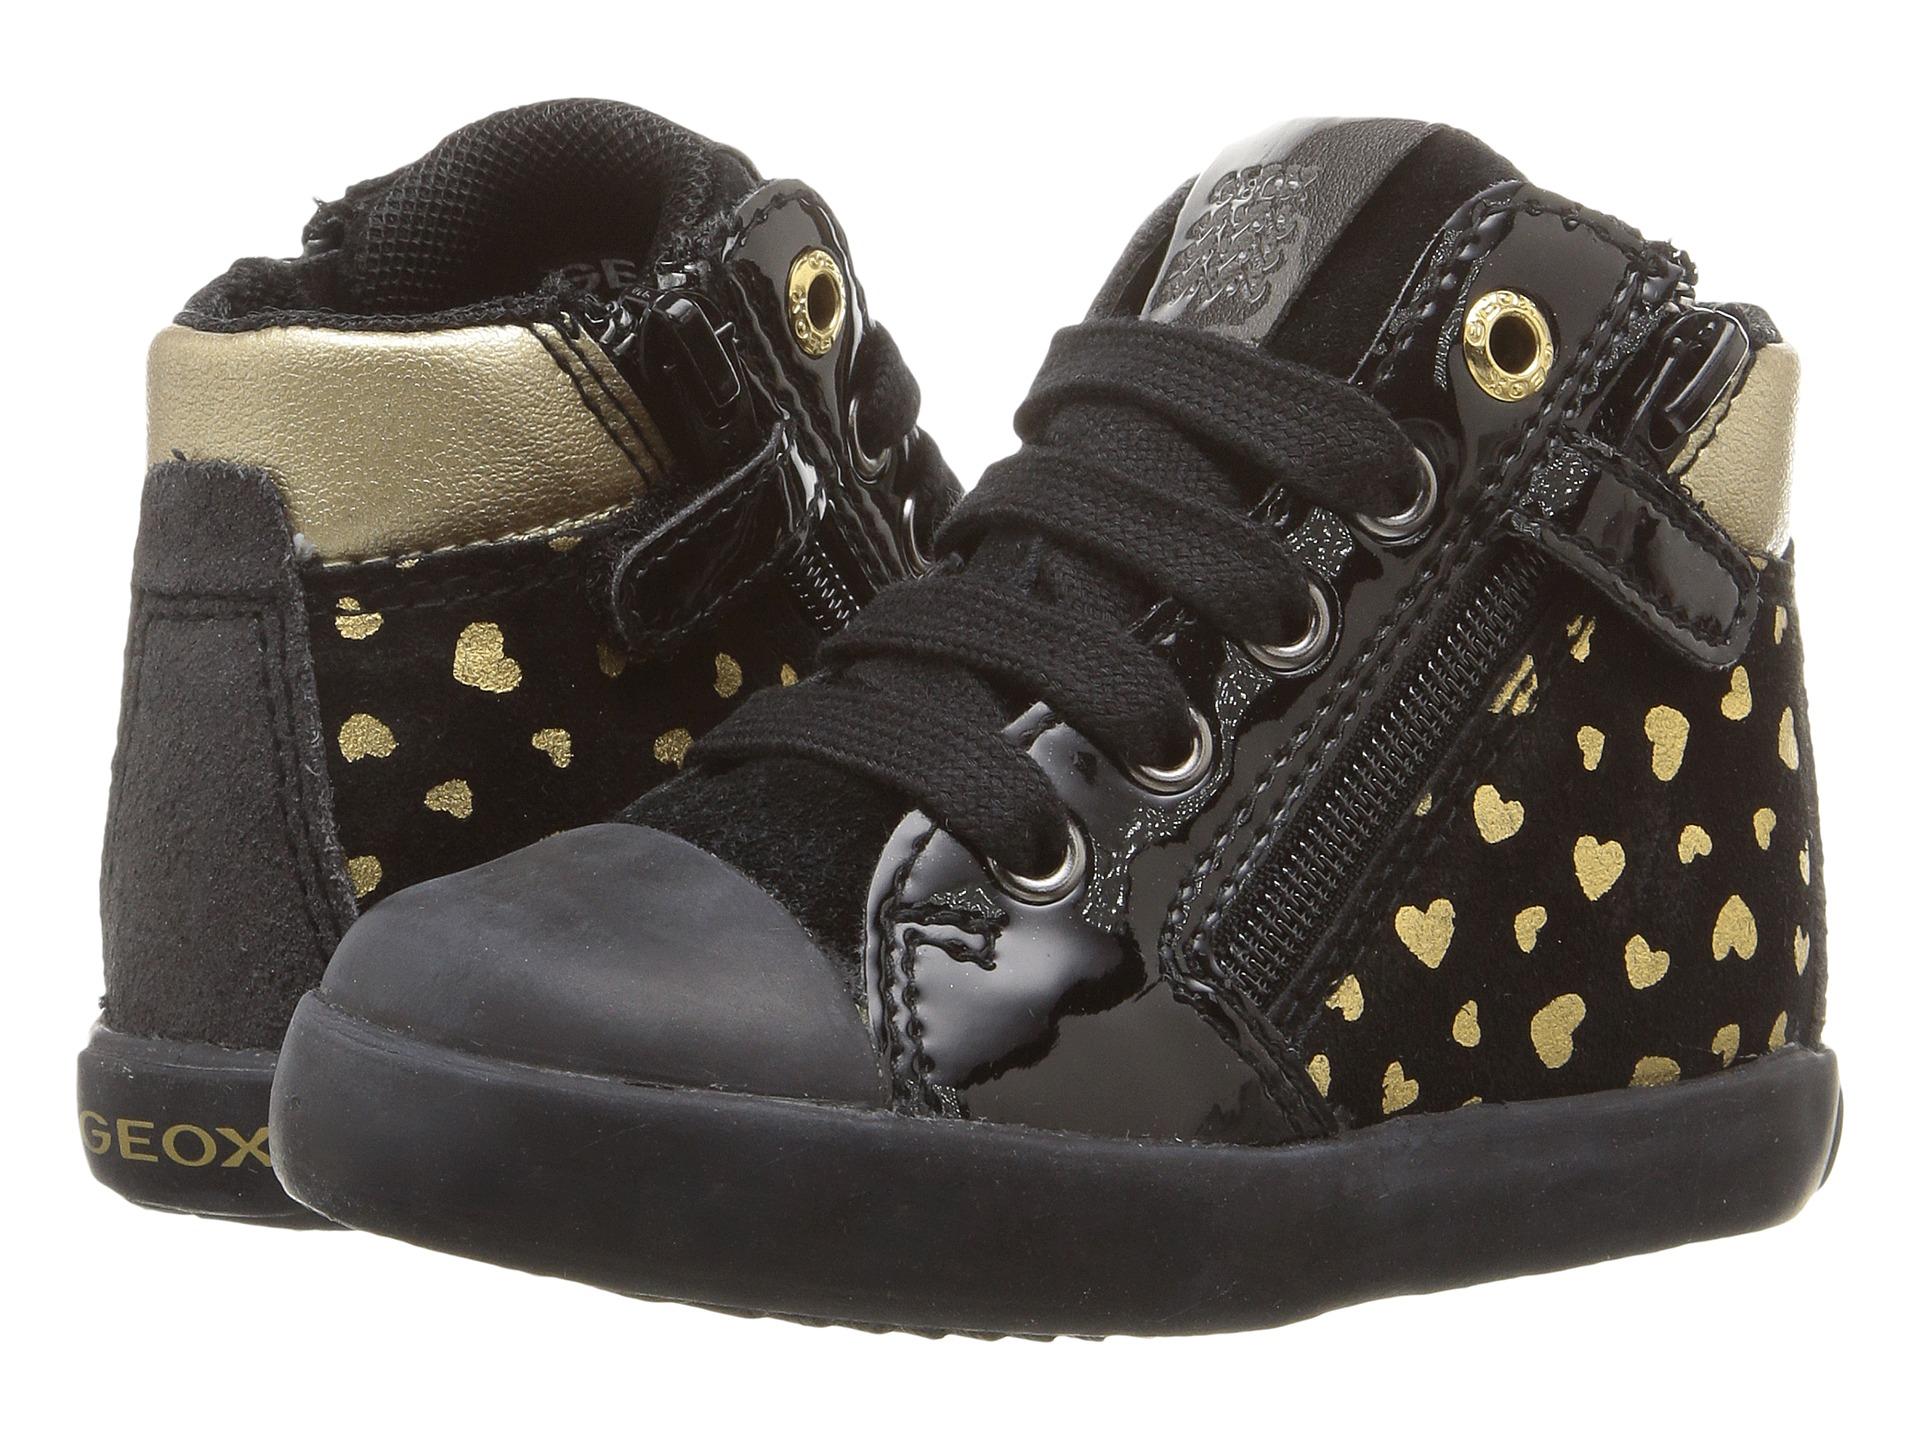 Geox Kids Baby Kiwi Girl 77 Toddler Black Gold Zappos